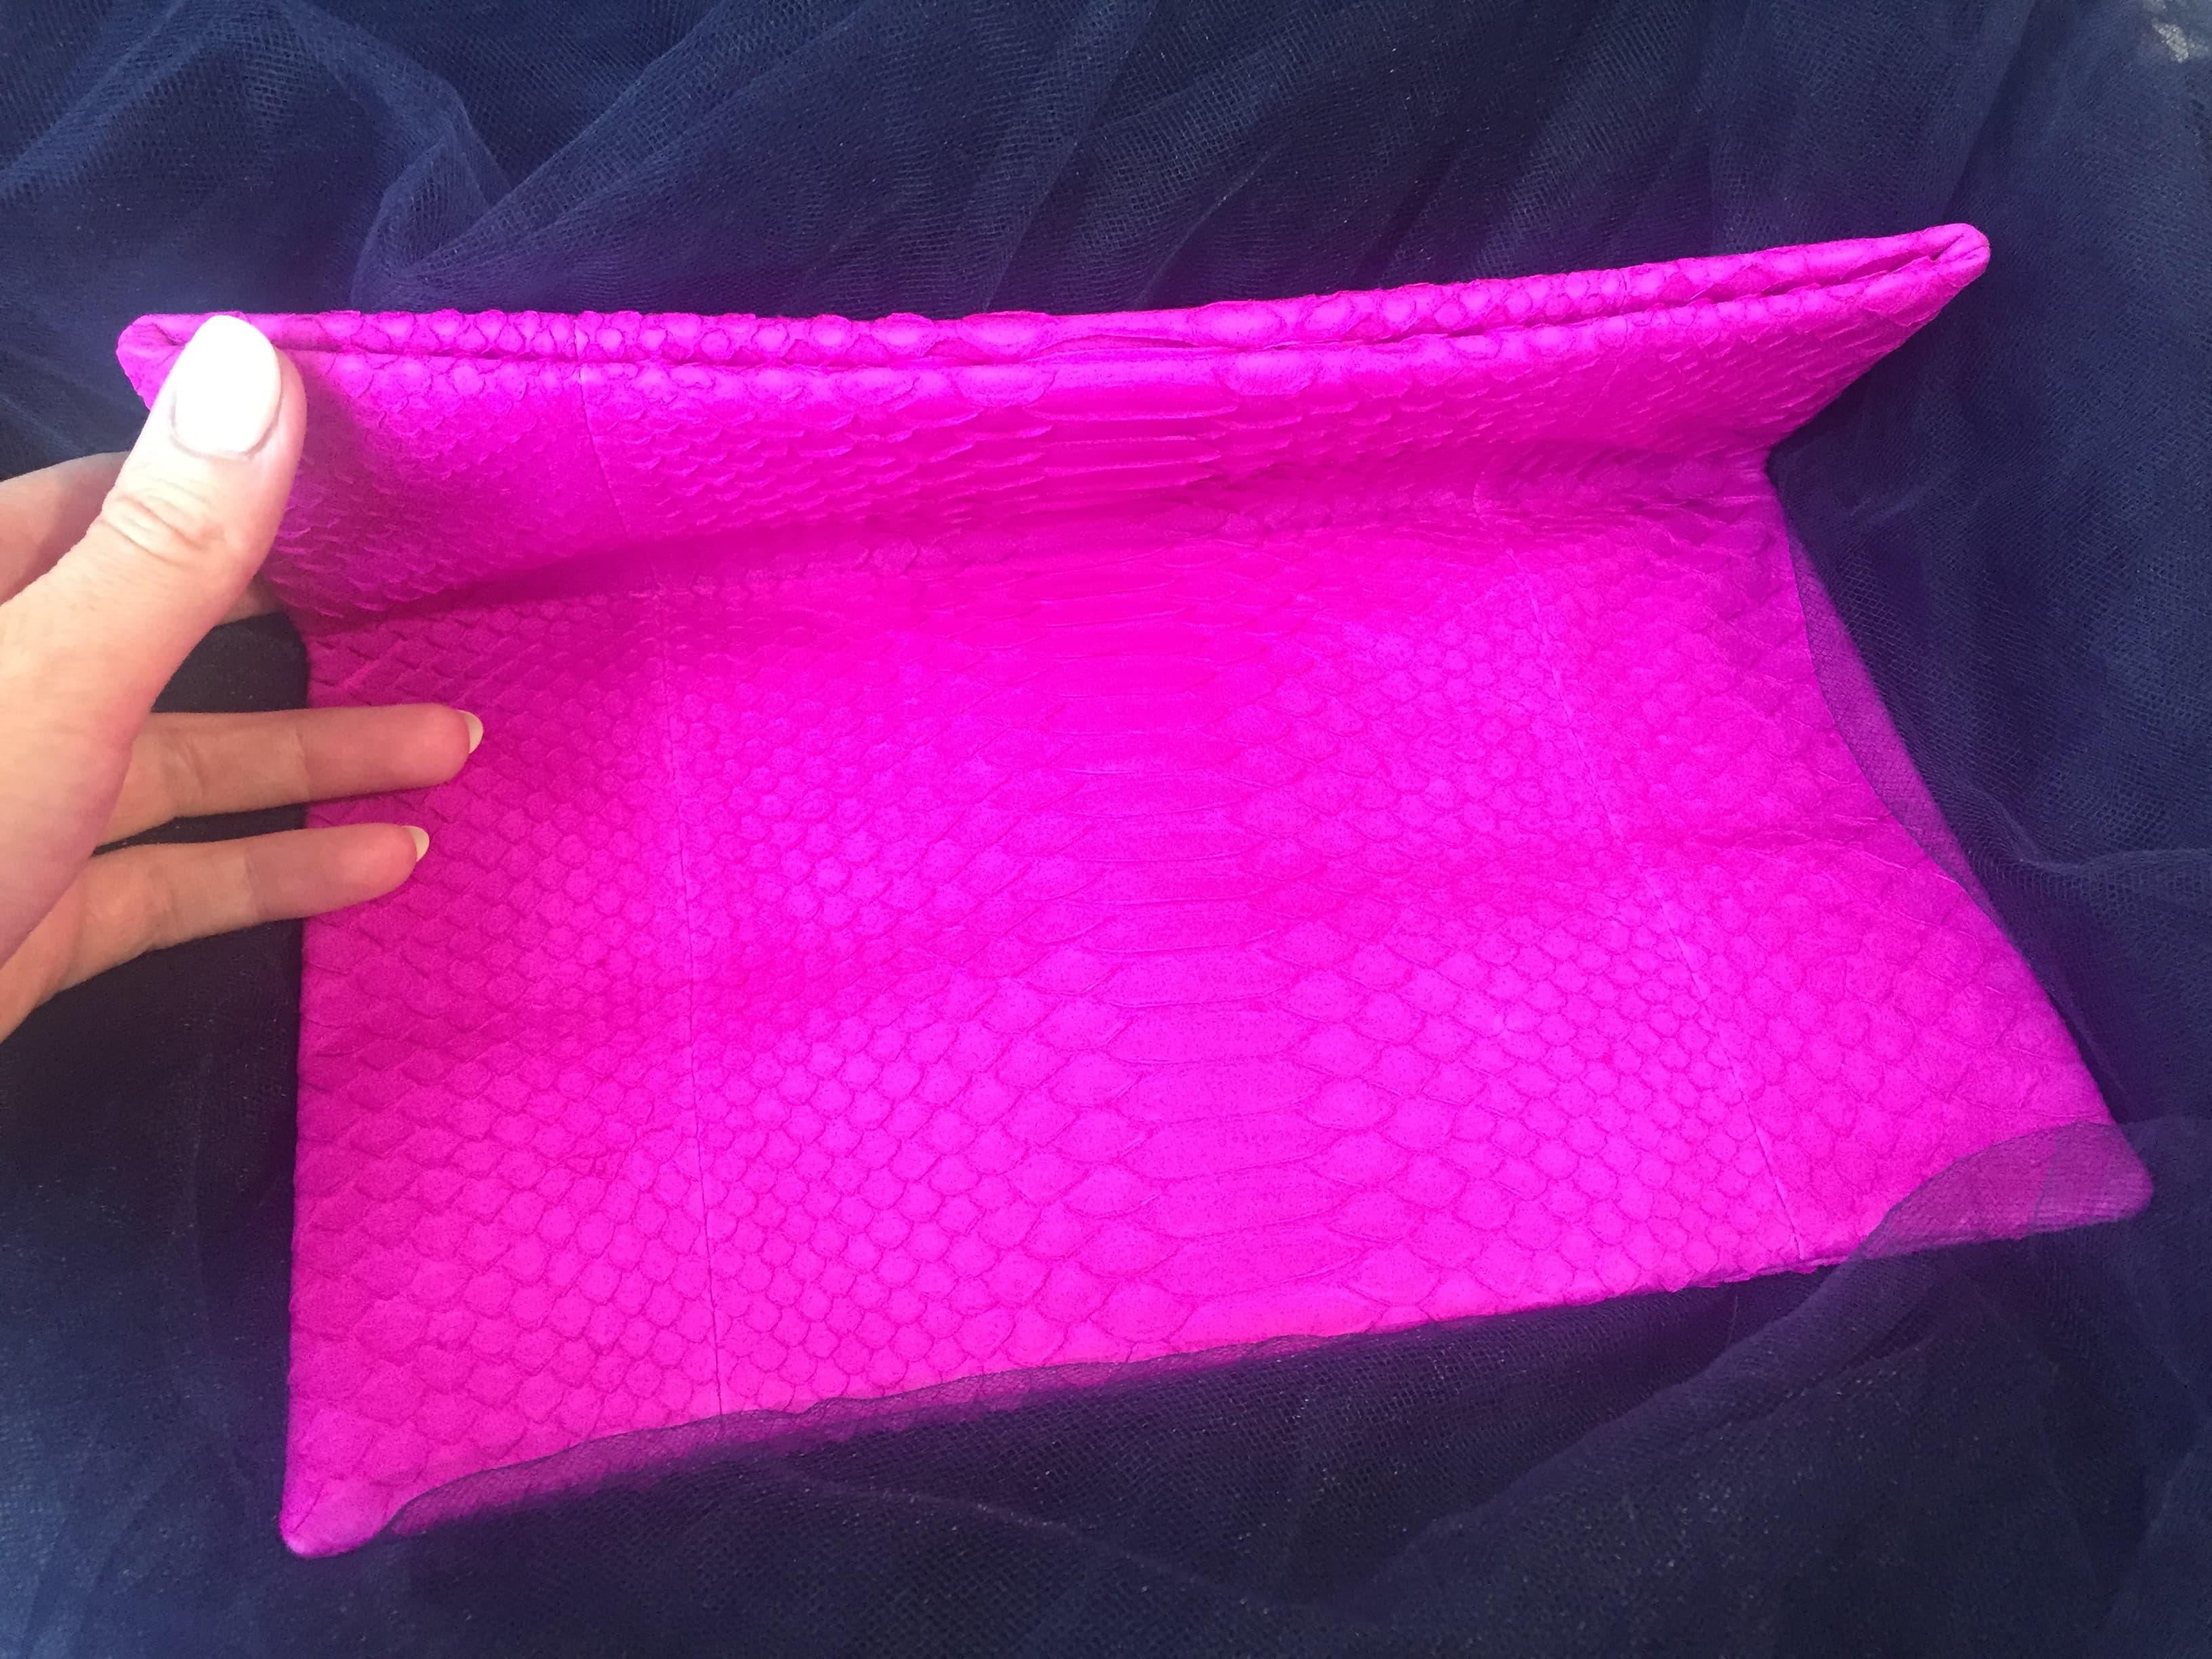 Купить клатч из кожи питона (розовый) с доставкой по Москве и всей ... 8fedf6c9e29